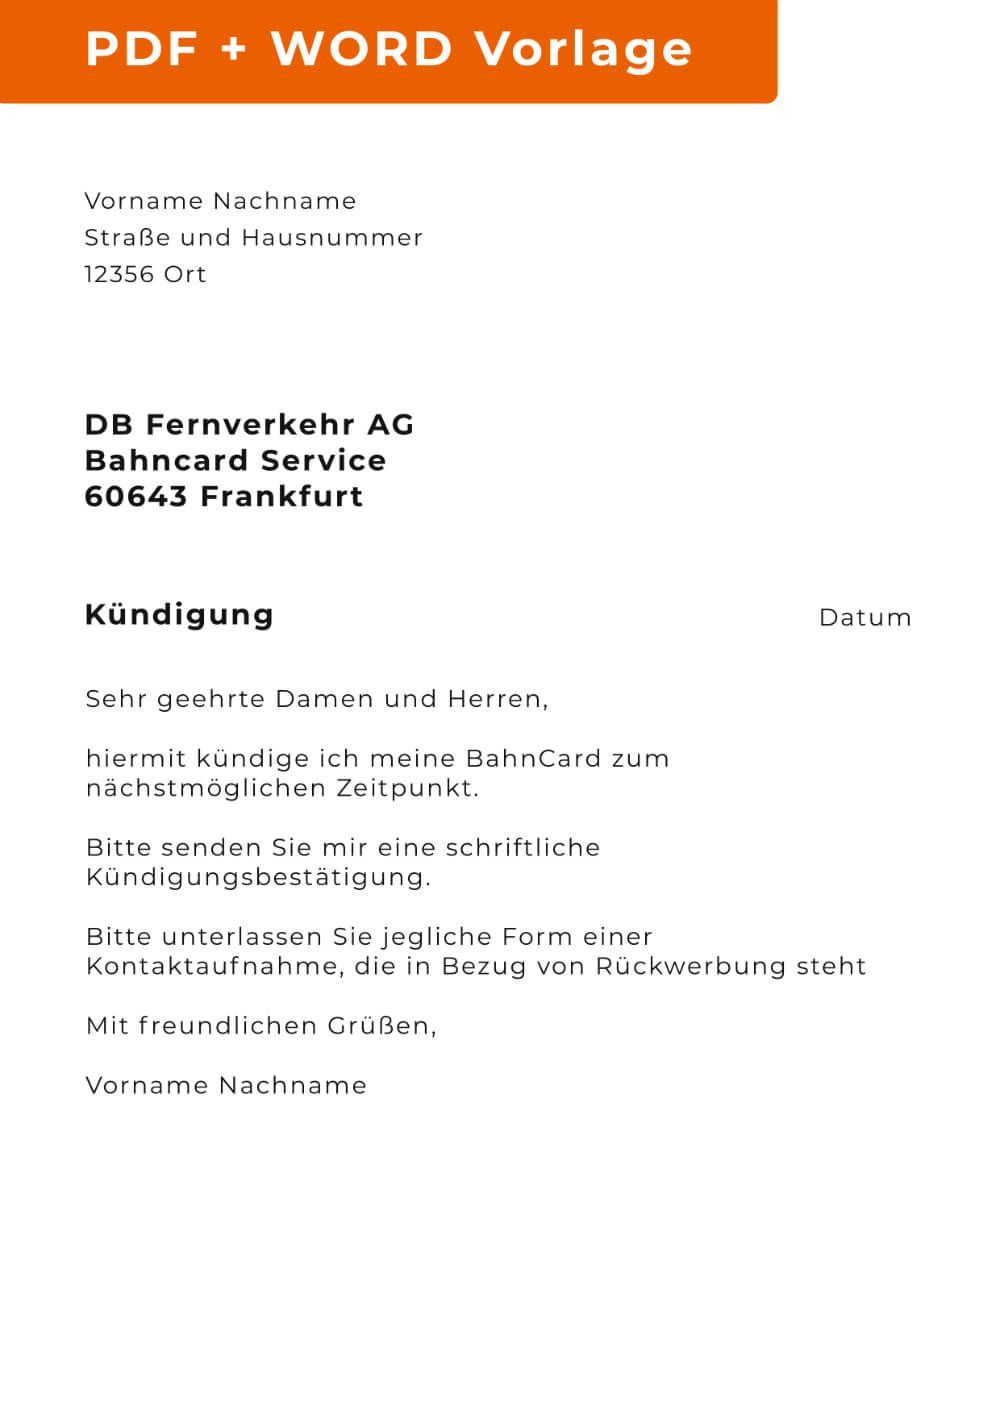 Bahncard Und Probe Bahncard Kundigen Online 5